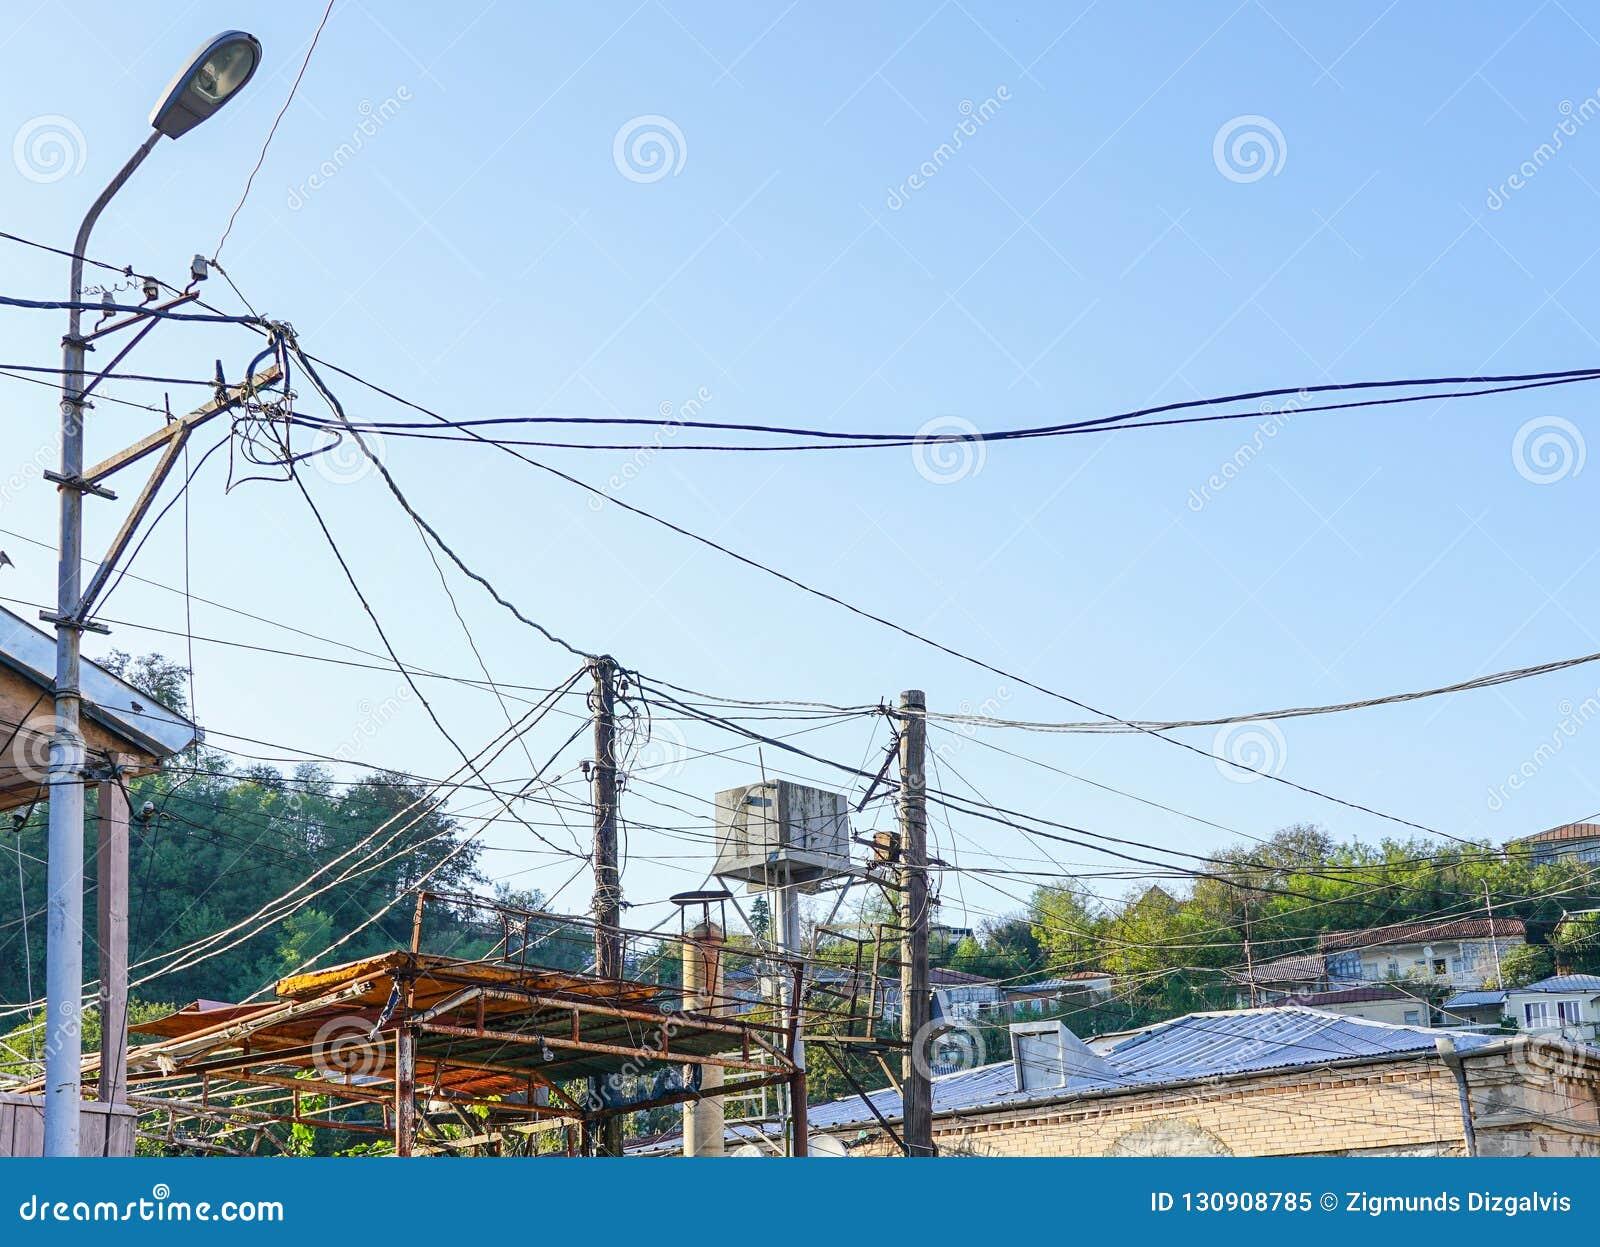 Vecchia posta d accensione con molti cavi o funi elettrici del rifornimento per la comunicazione del telefono